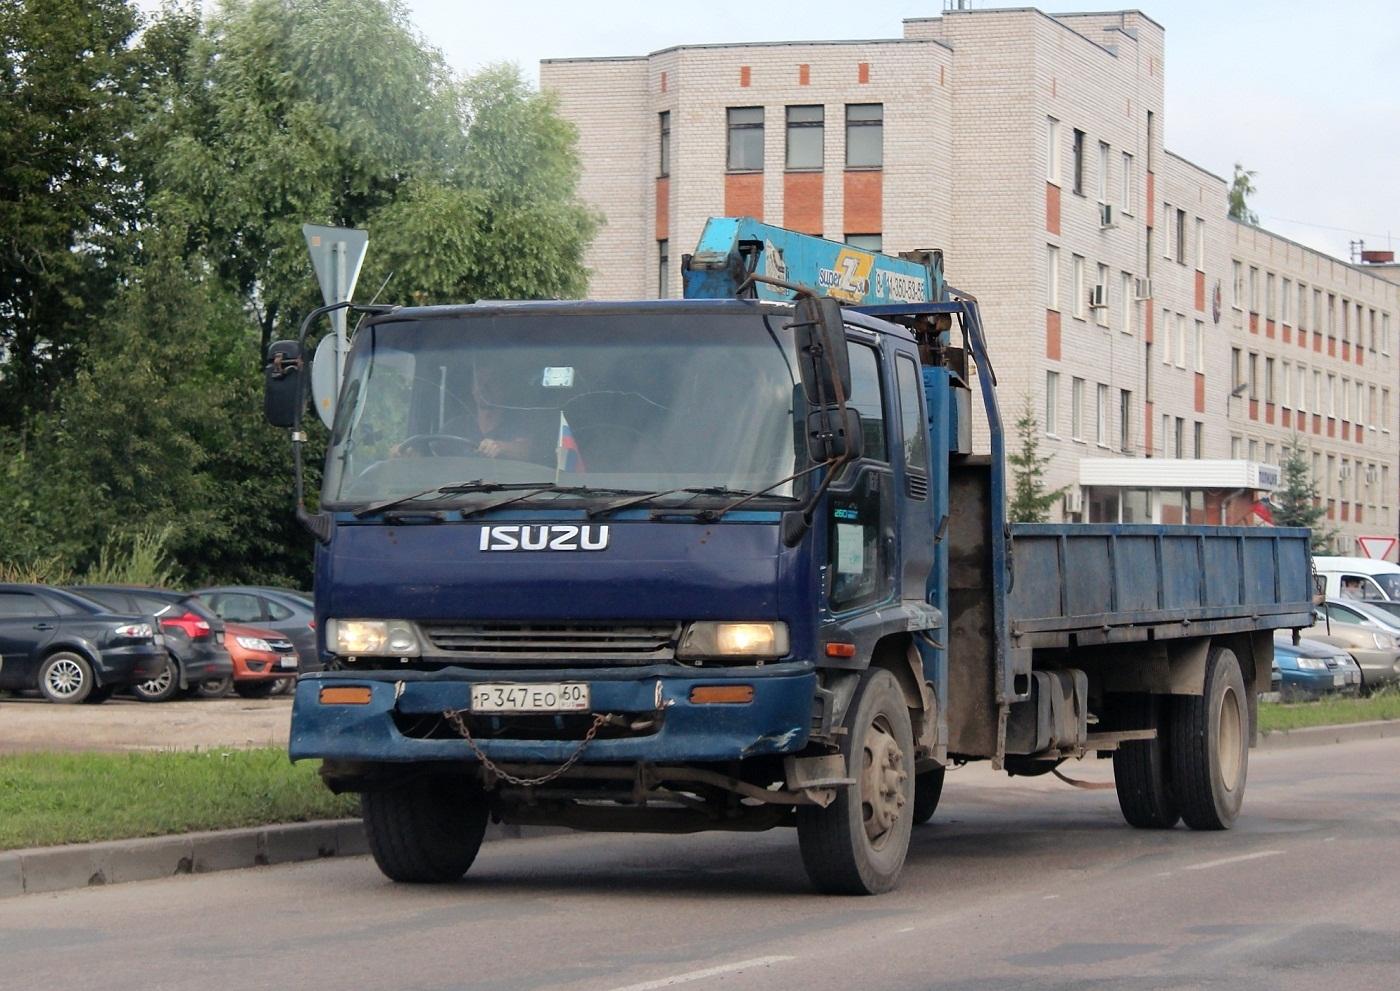 Бортовой грузовик Isuzu Forvard с КМУ Tadano Super Z300 #Р 347 ЕО 60. Псков, Инженерная улица